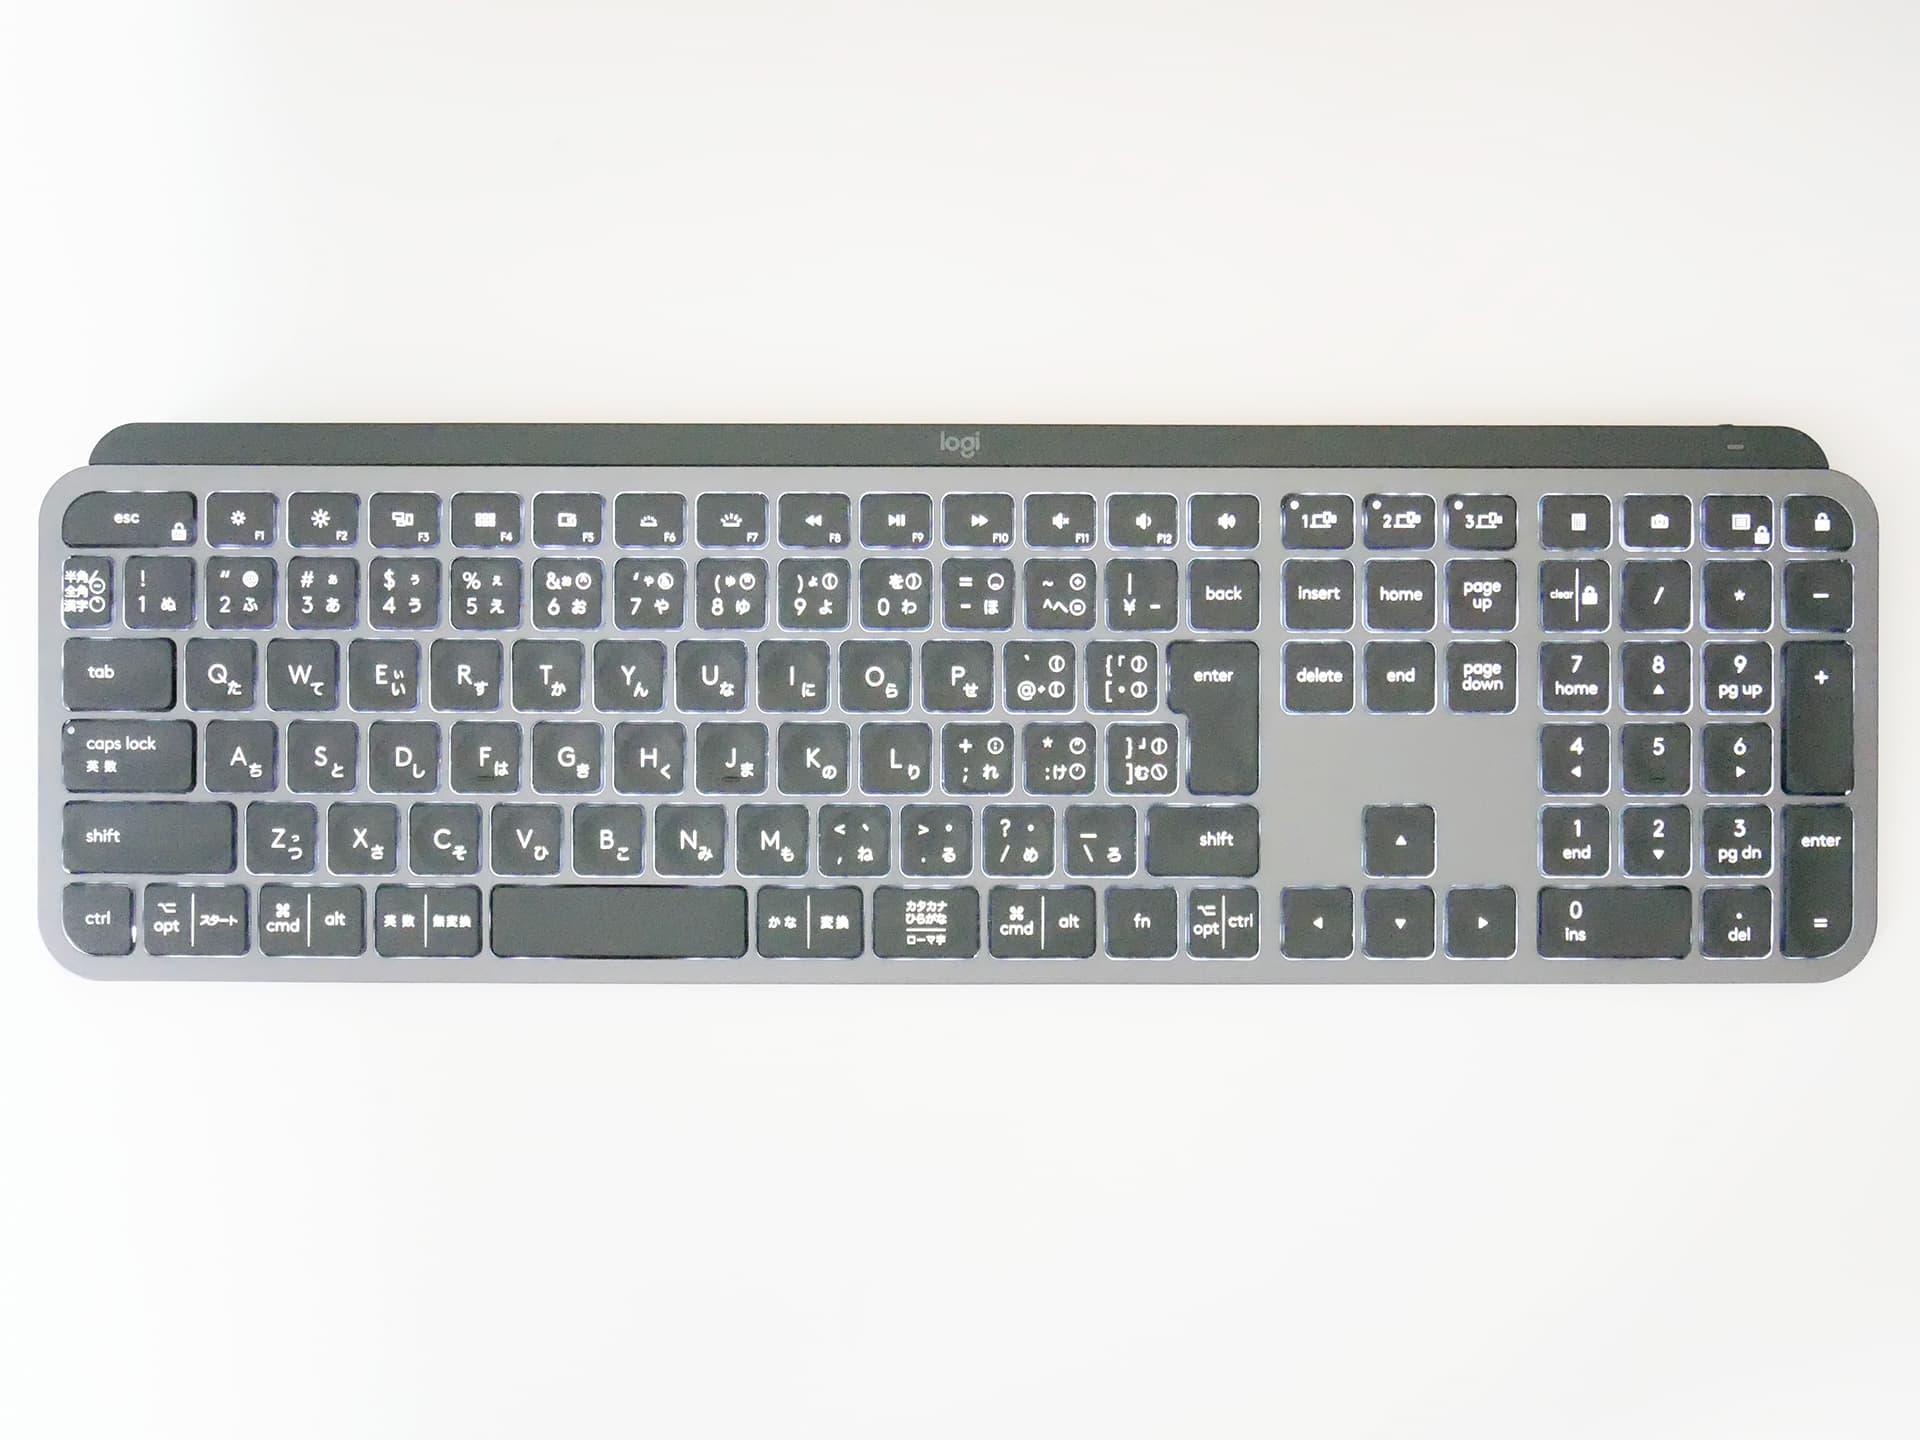 万人におすすめできる薄型ワイヤレスキーボード Logicool MX KEYS - Fudangea ...